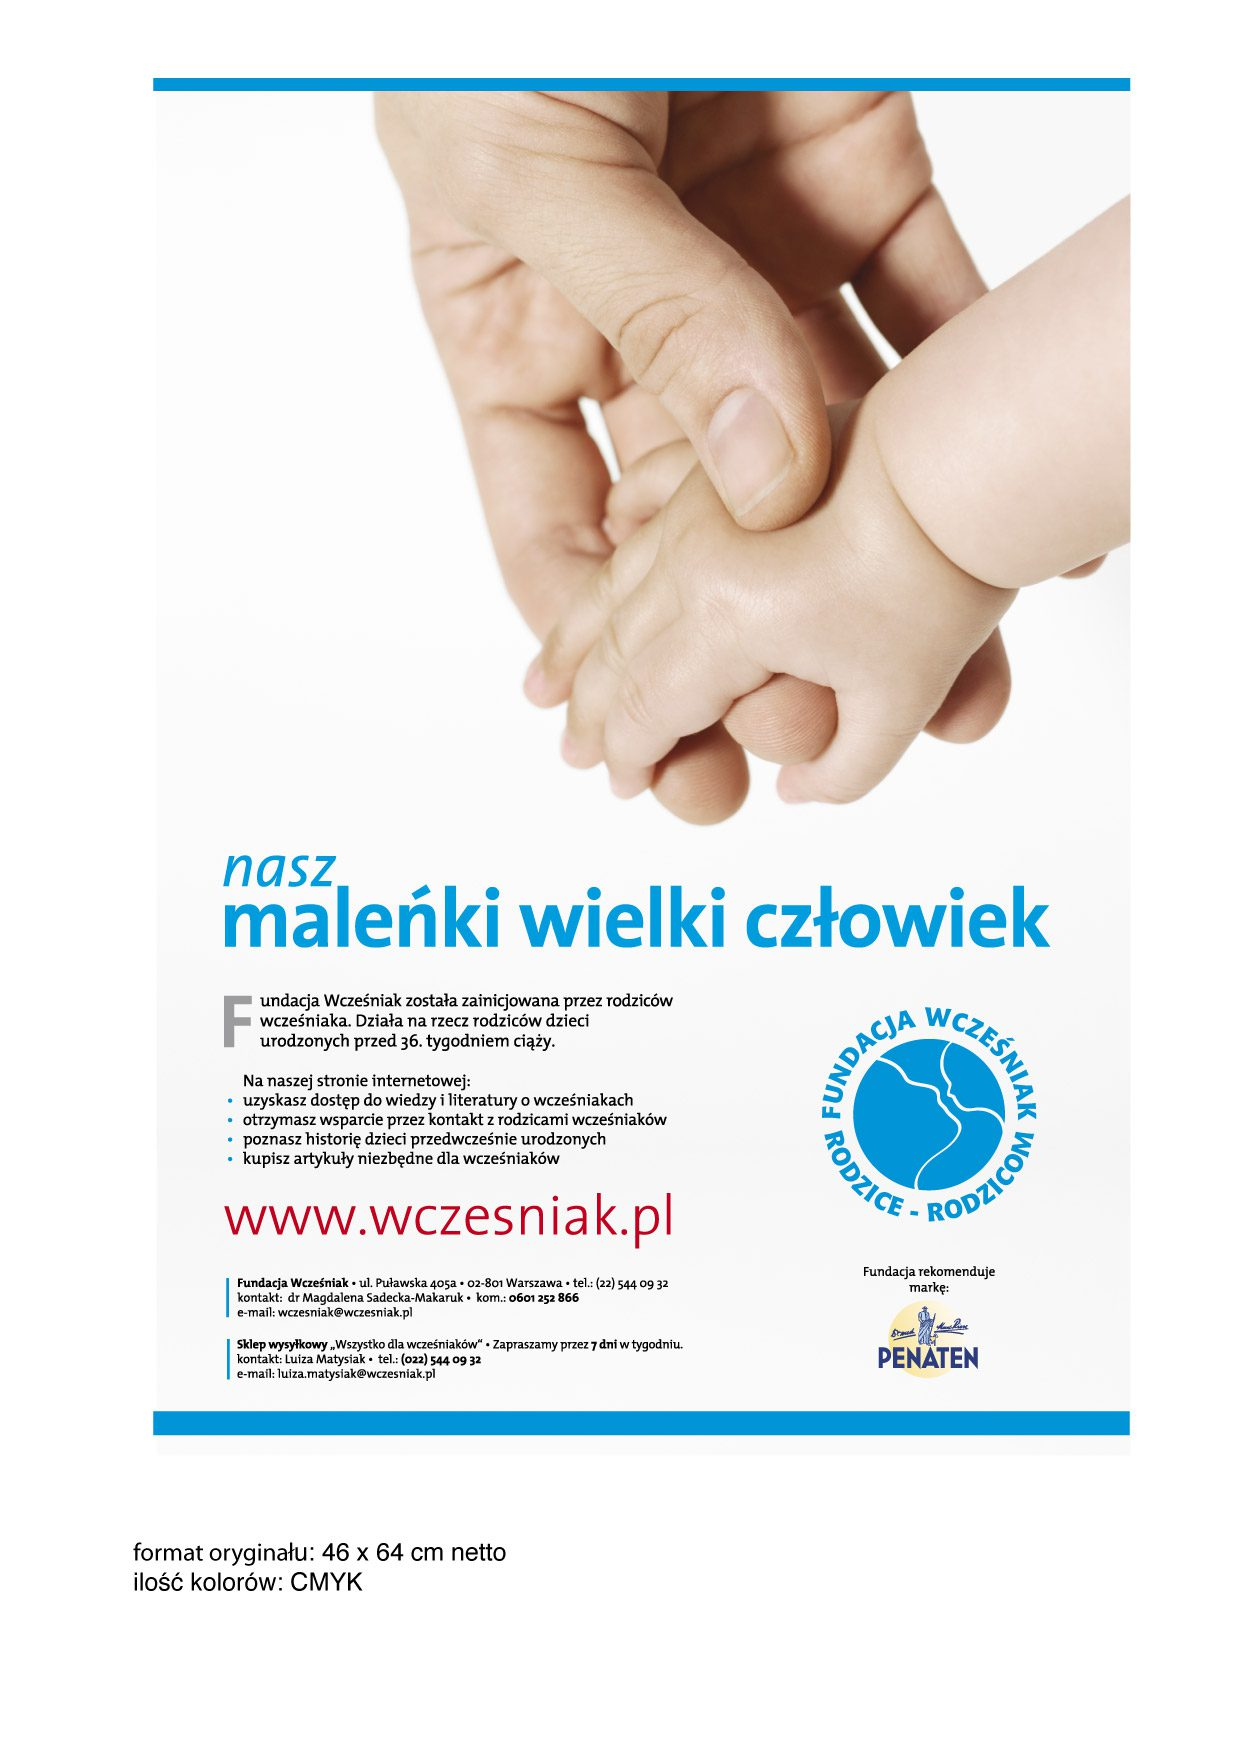 e4acb63945 Materiały reklamowe – Fundacja Wcześniak – Rodzice-Rodzicom